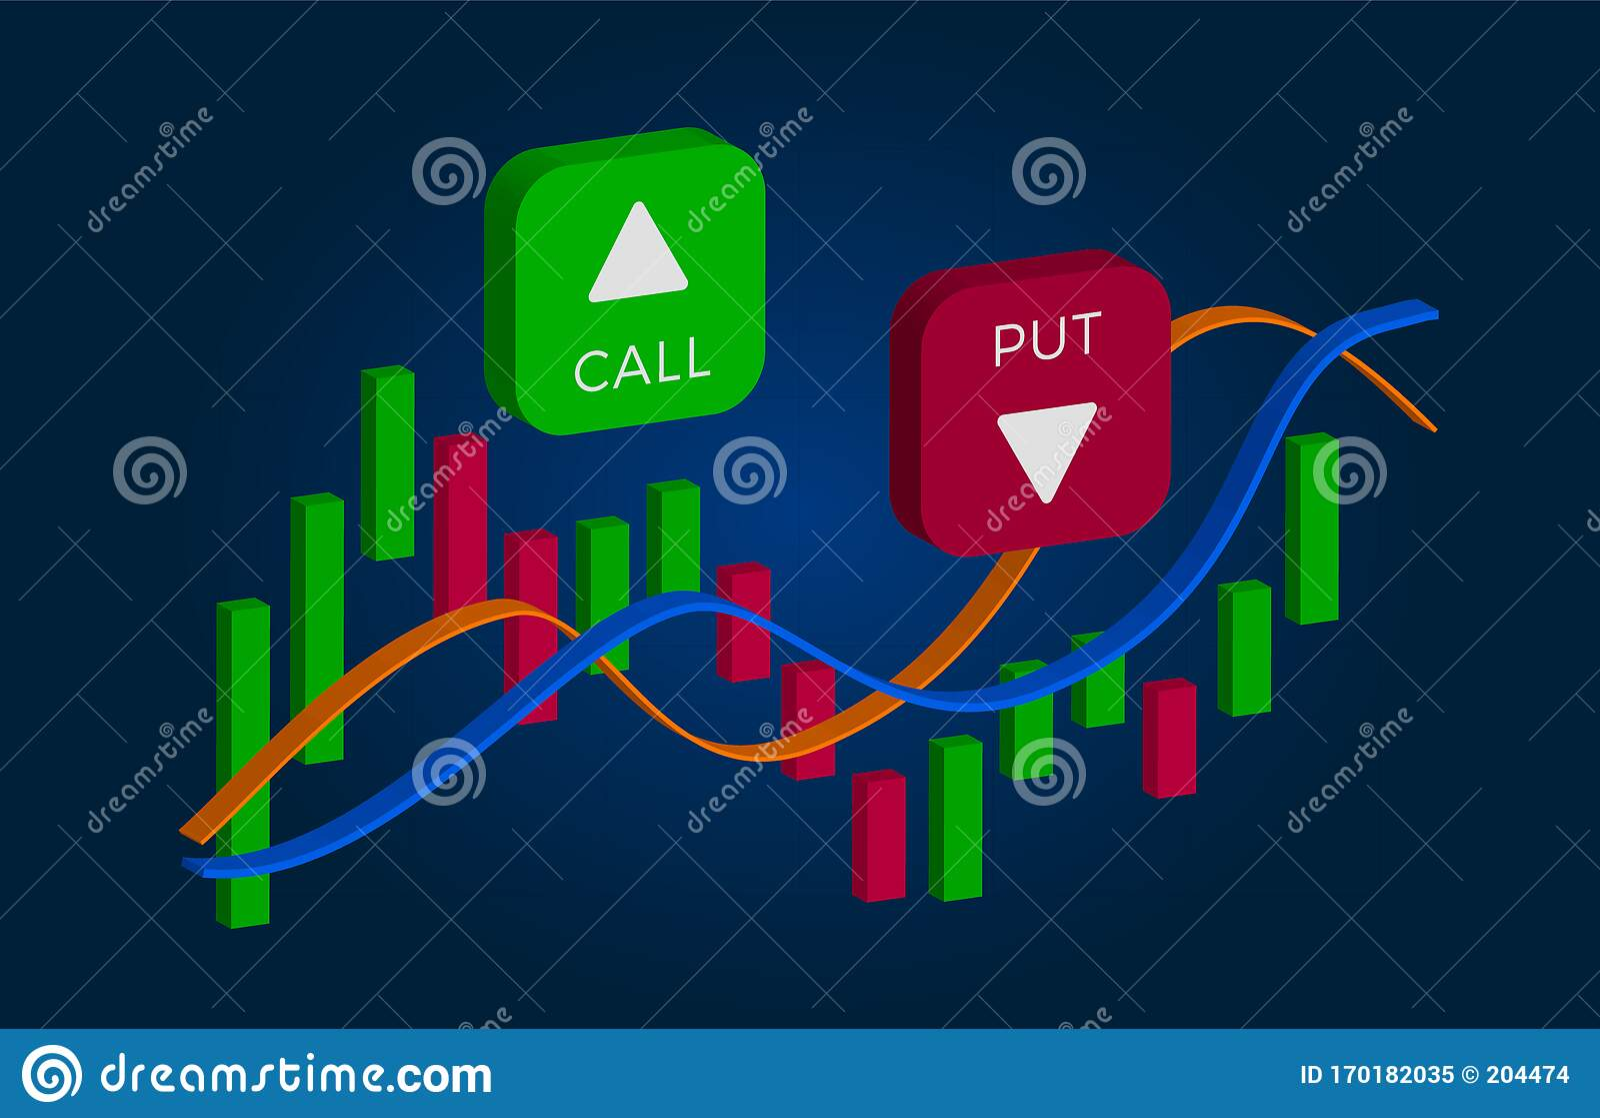 The Put Option-Call Option Method of Binary Options Trading   The Put-Option Call-Option Method